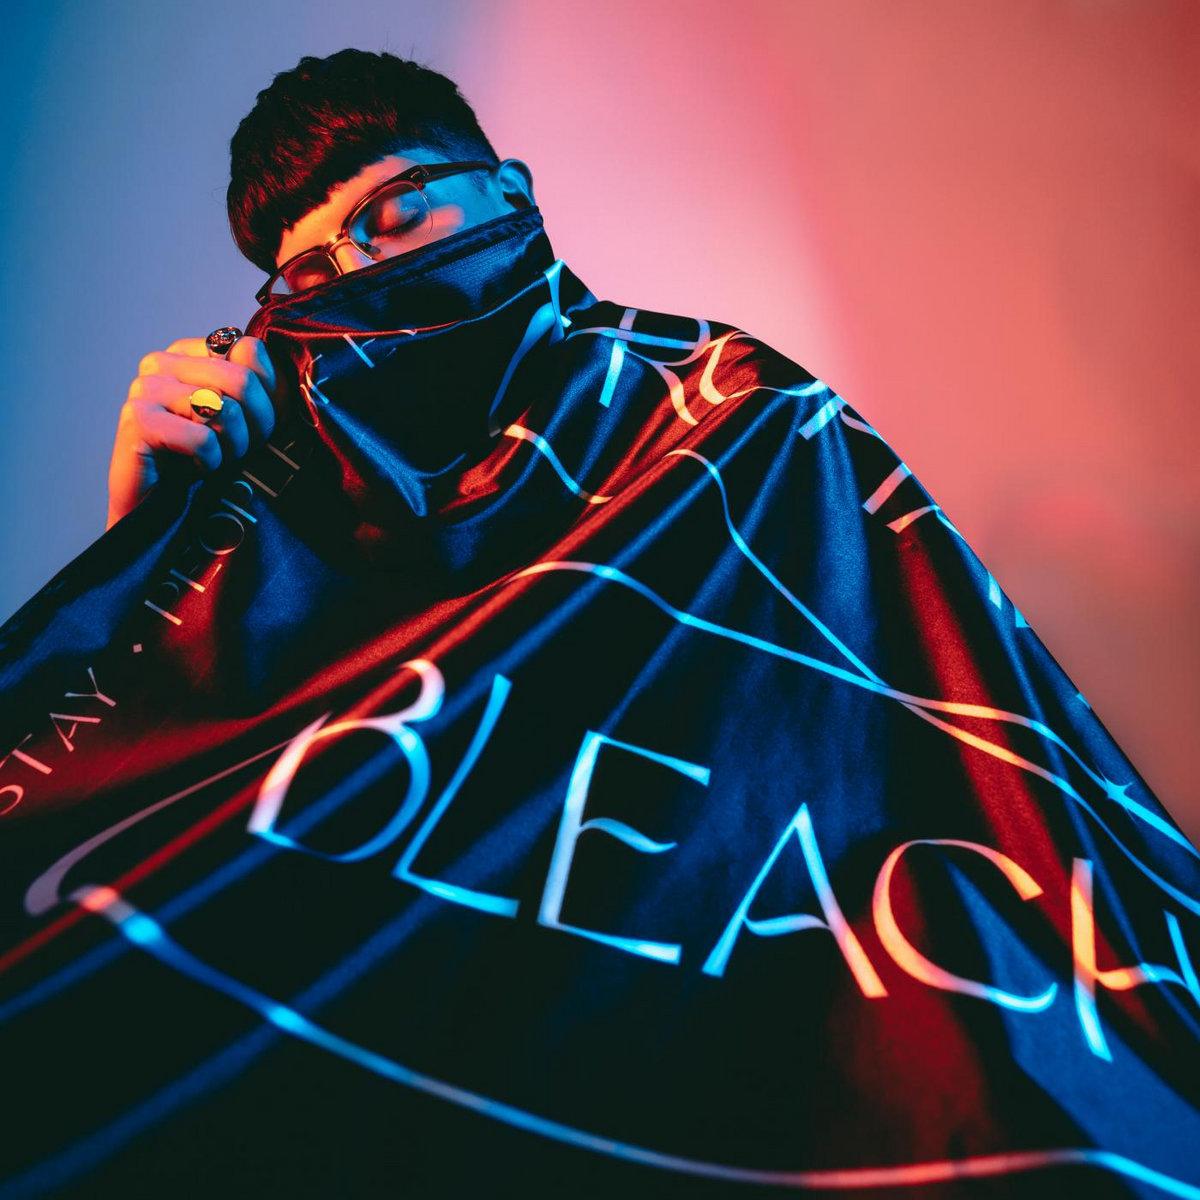 Bleach | MAD ZOO